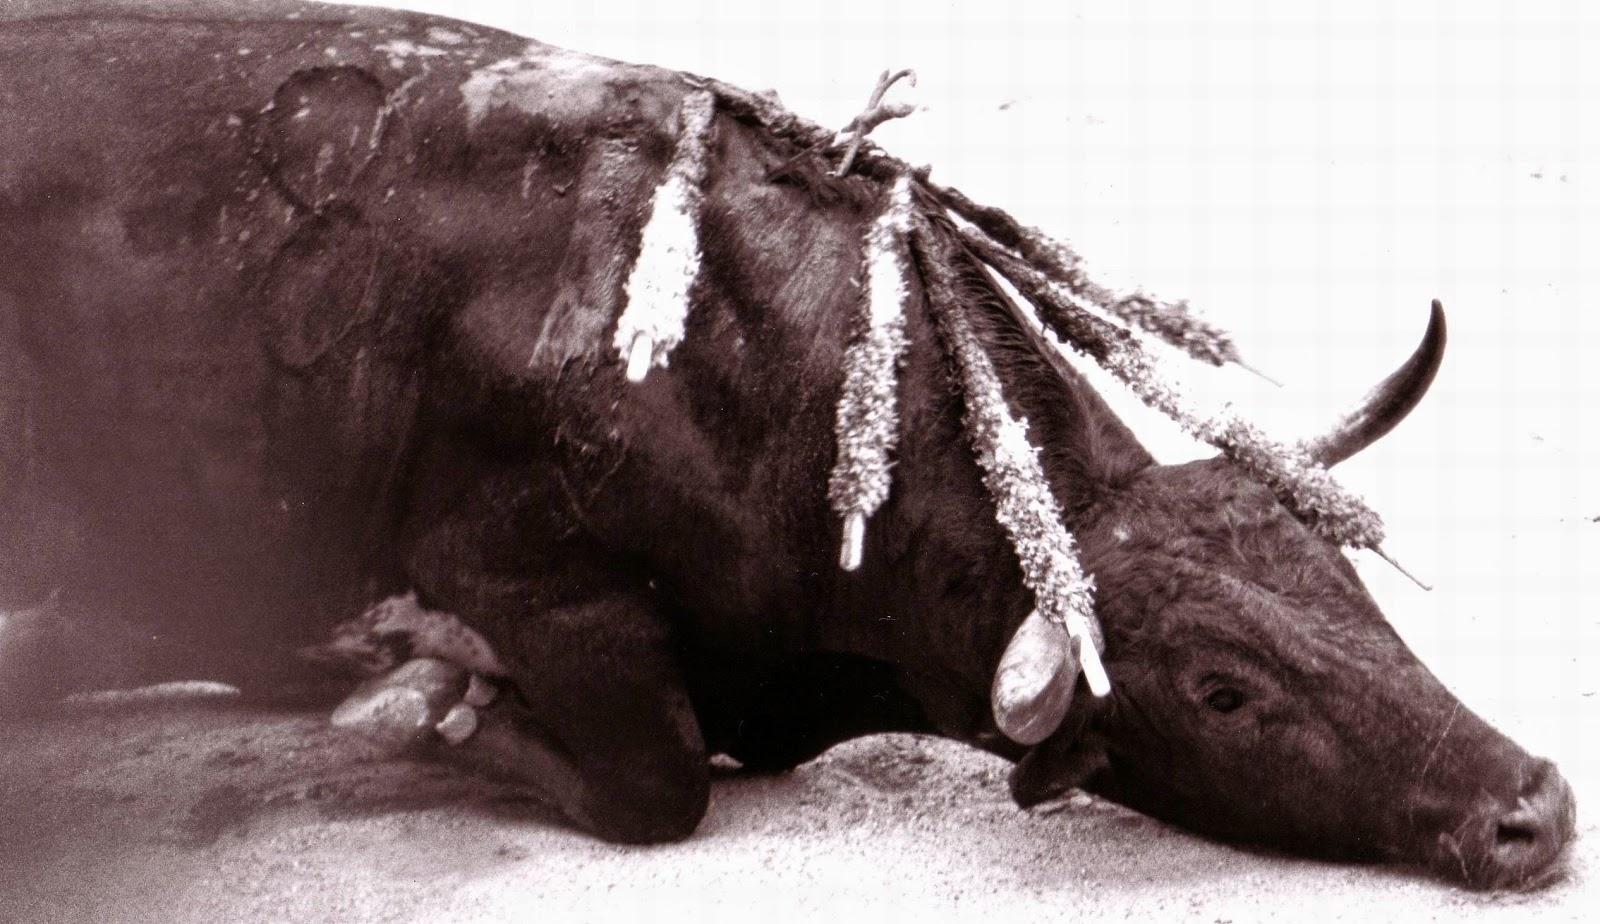 Toro agonizando tras una corrida. Crueldad hacia los animales